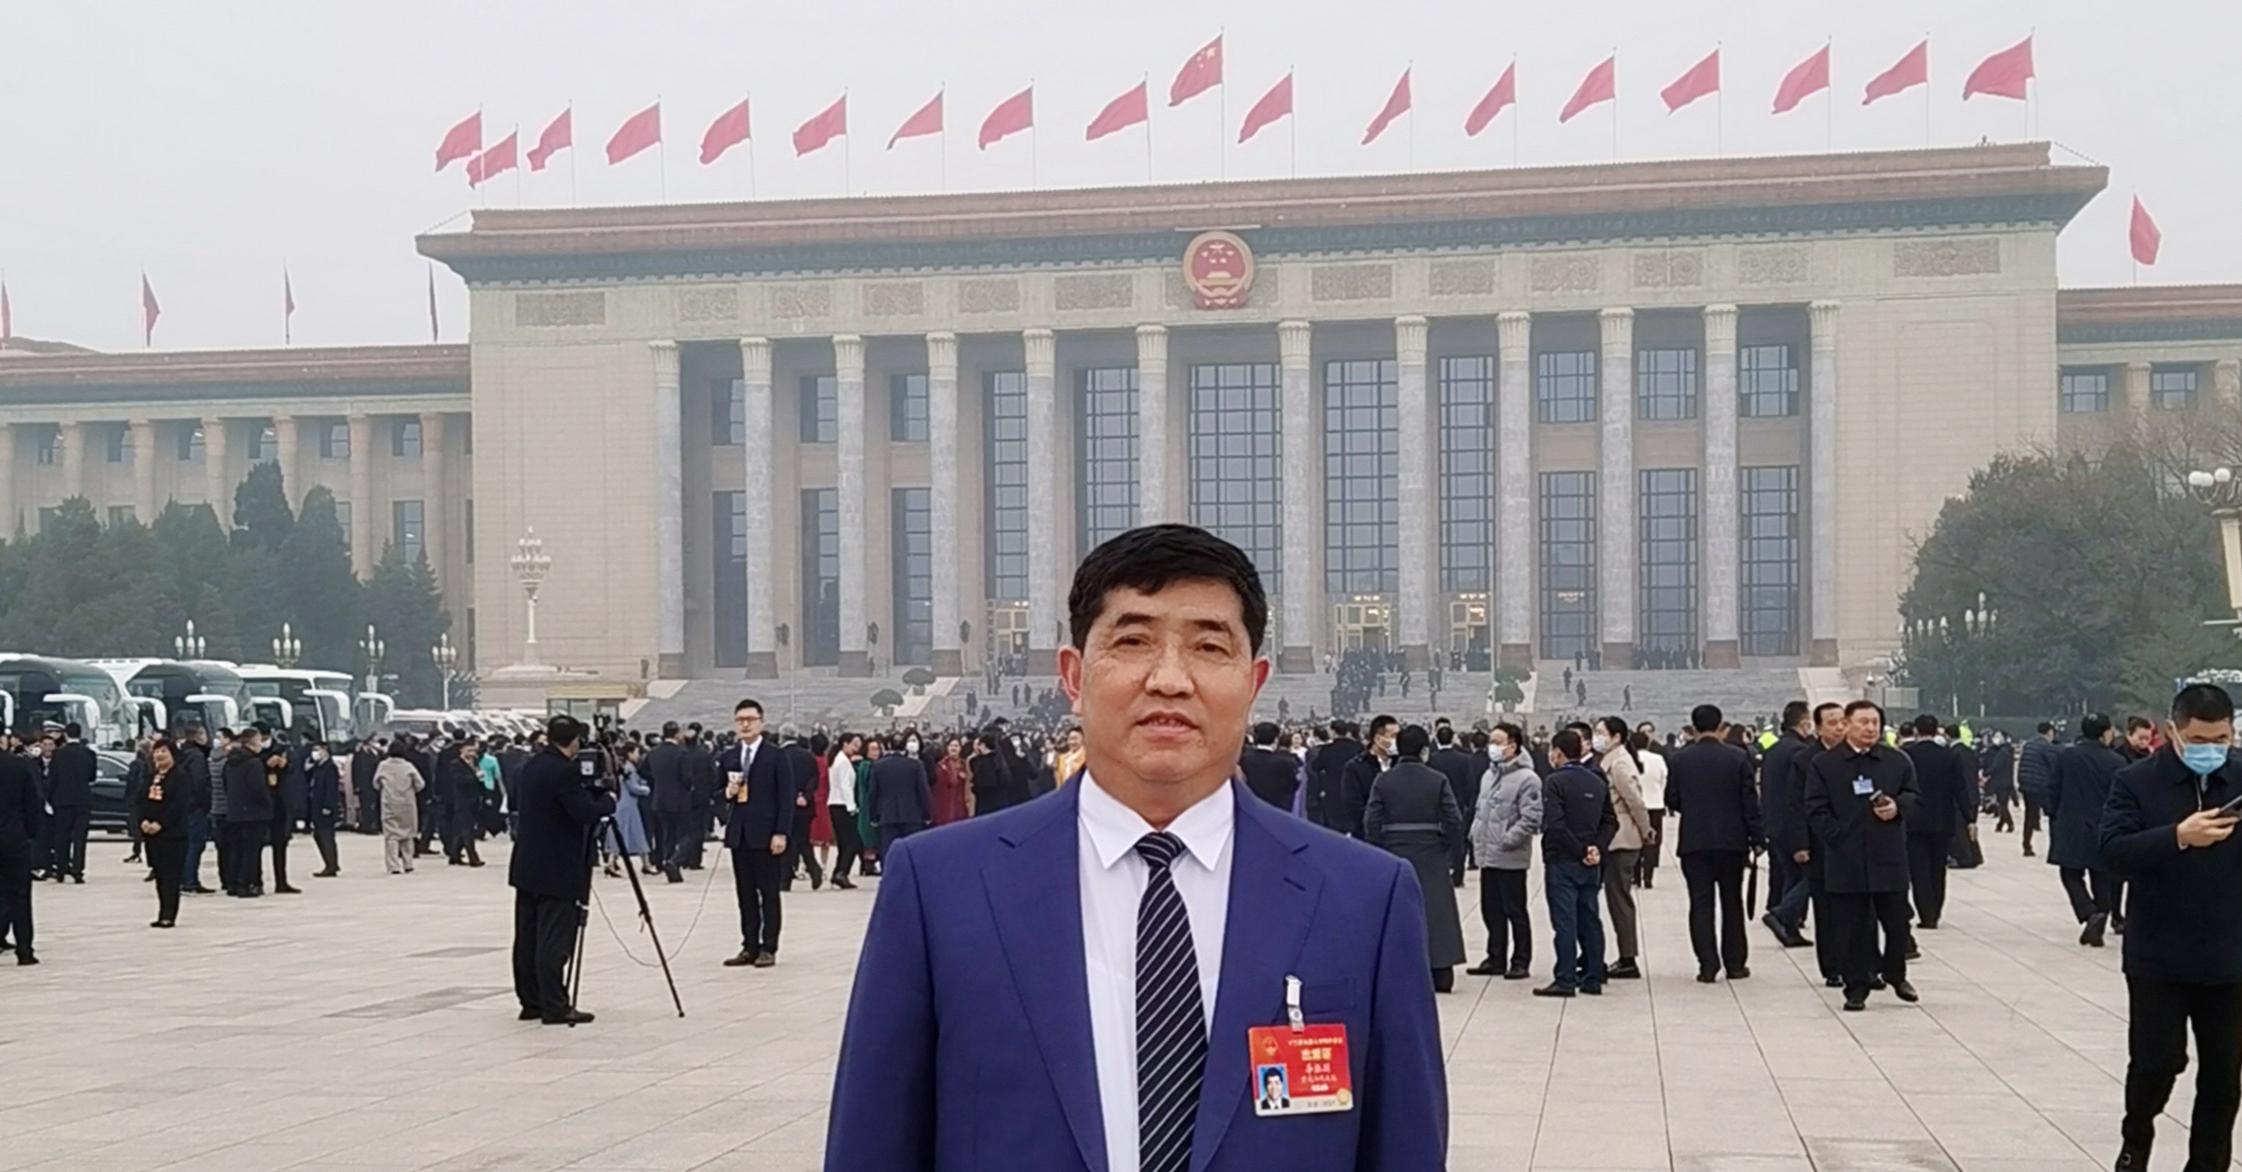 全国人大代表、九芝堂股份有限公司董事长 李振国_副本.jpg